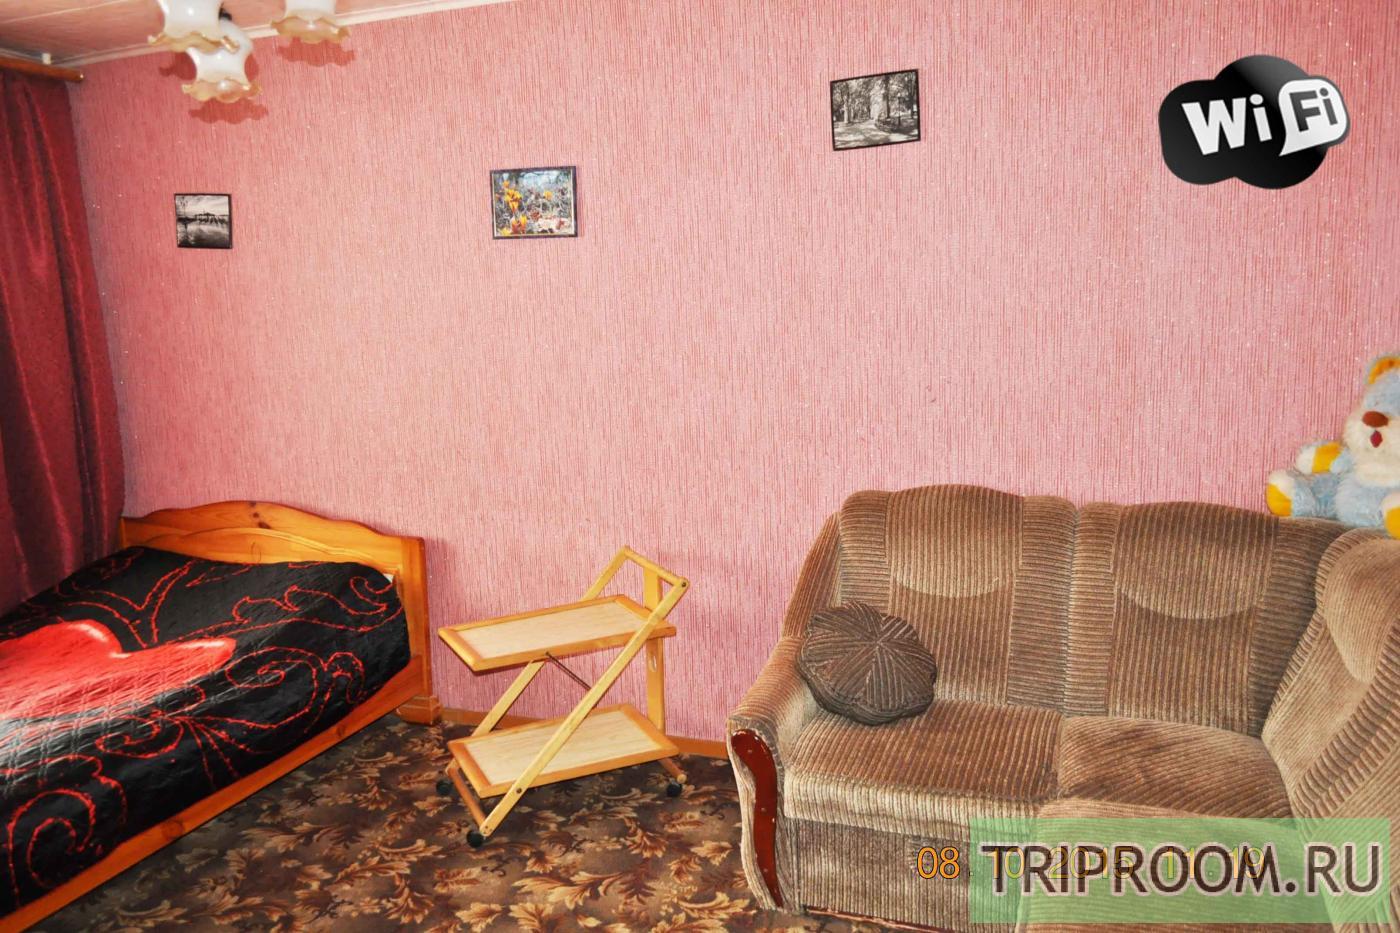 1-комнатная квартира посуточно (вариант № 11707), ул. Нижегородская улица, фото № 3